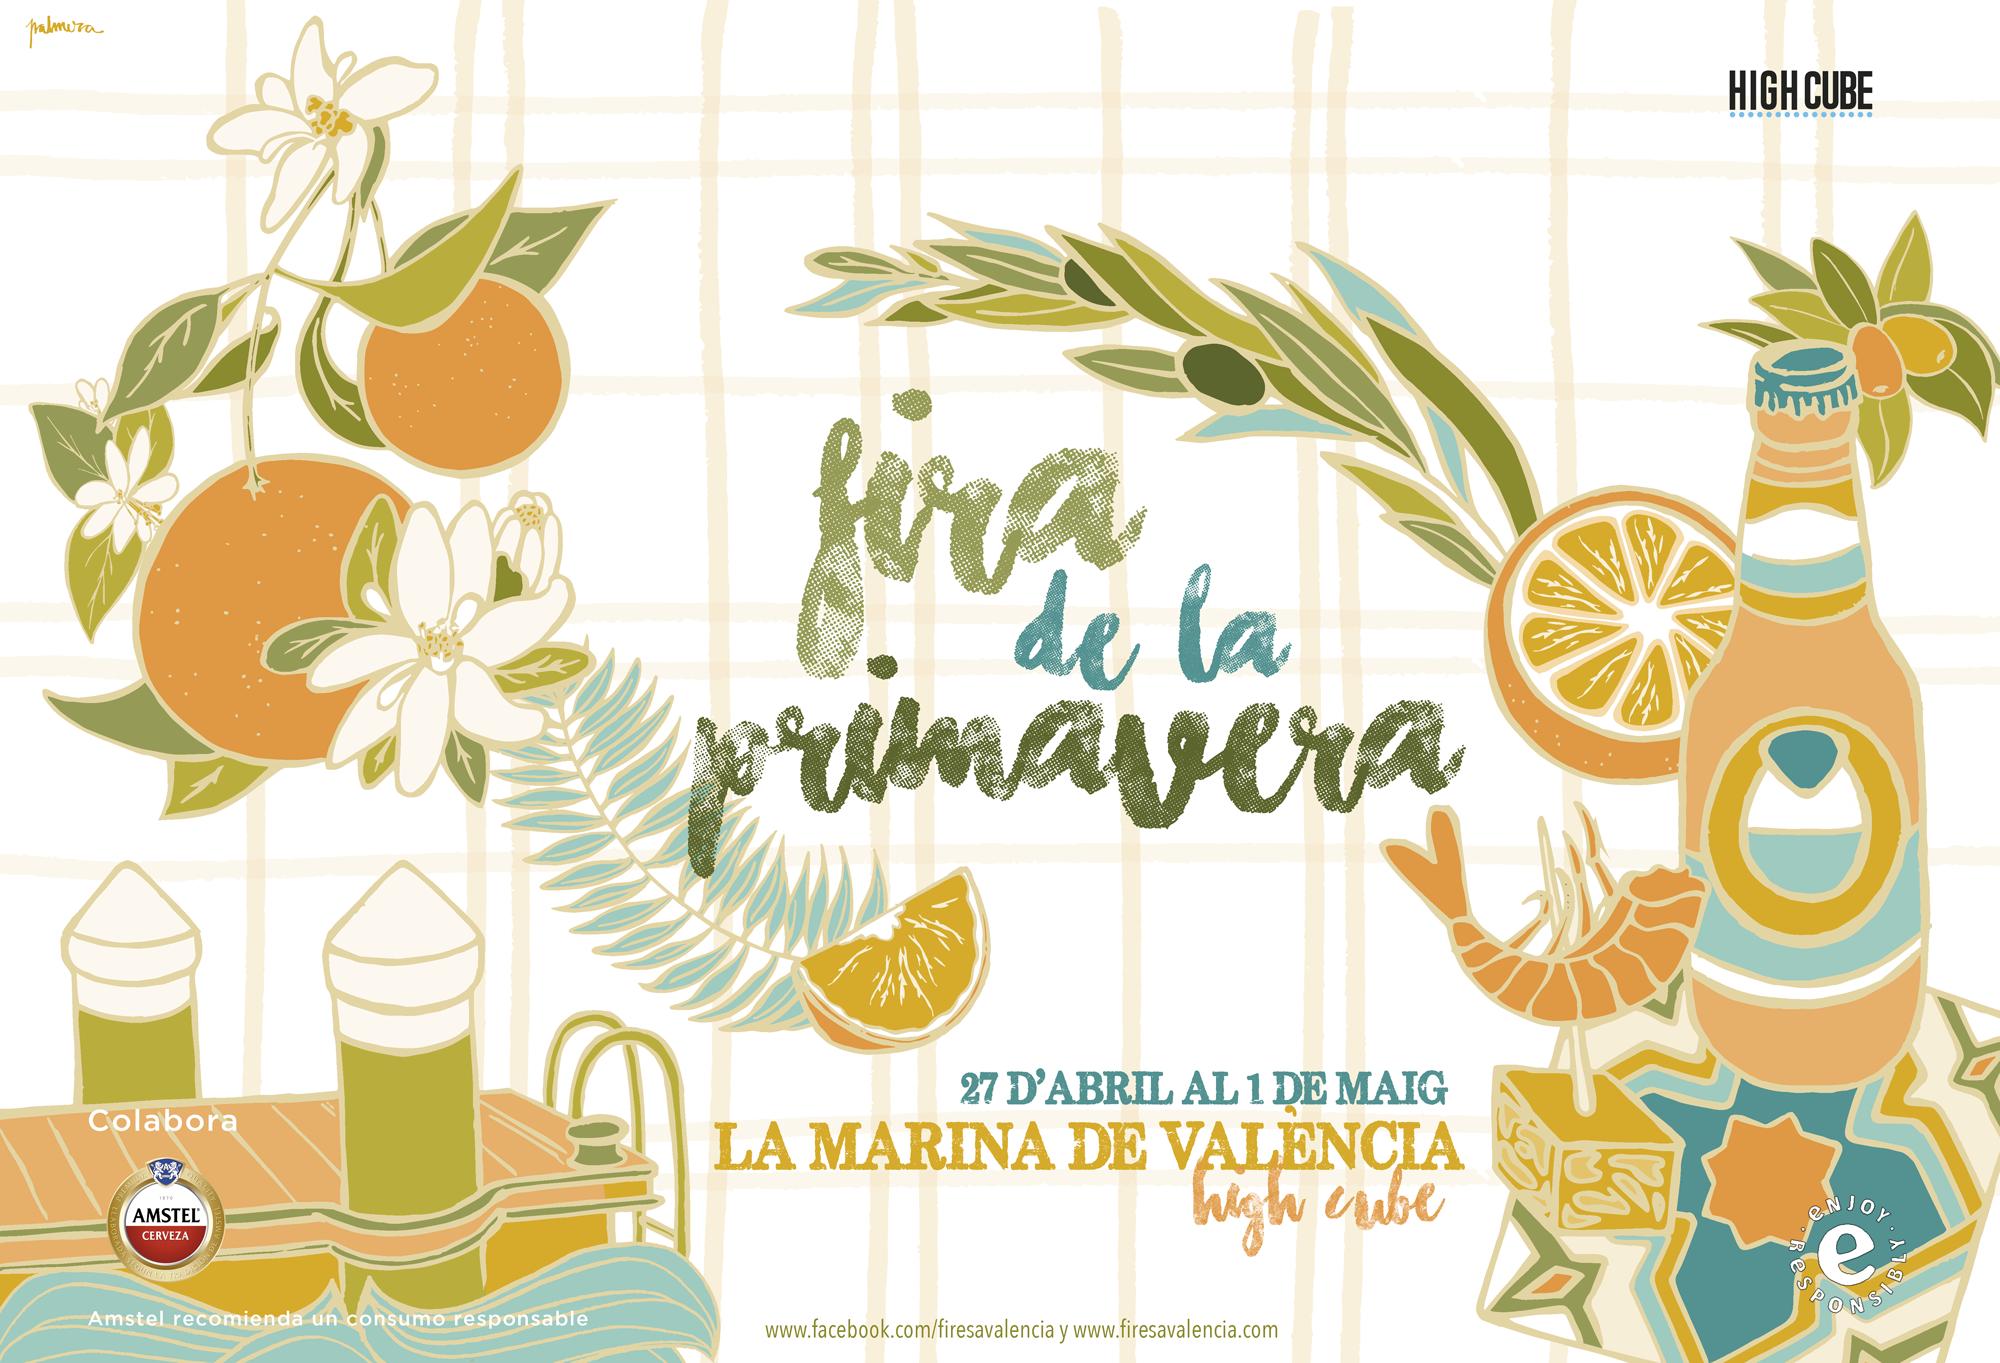 Fira-de-la-Primavera-2018-Valencia